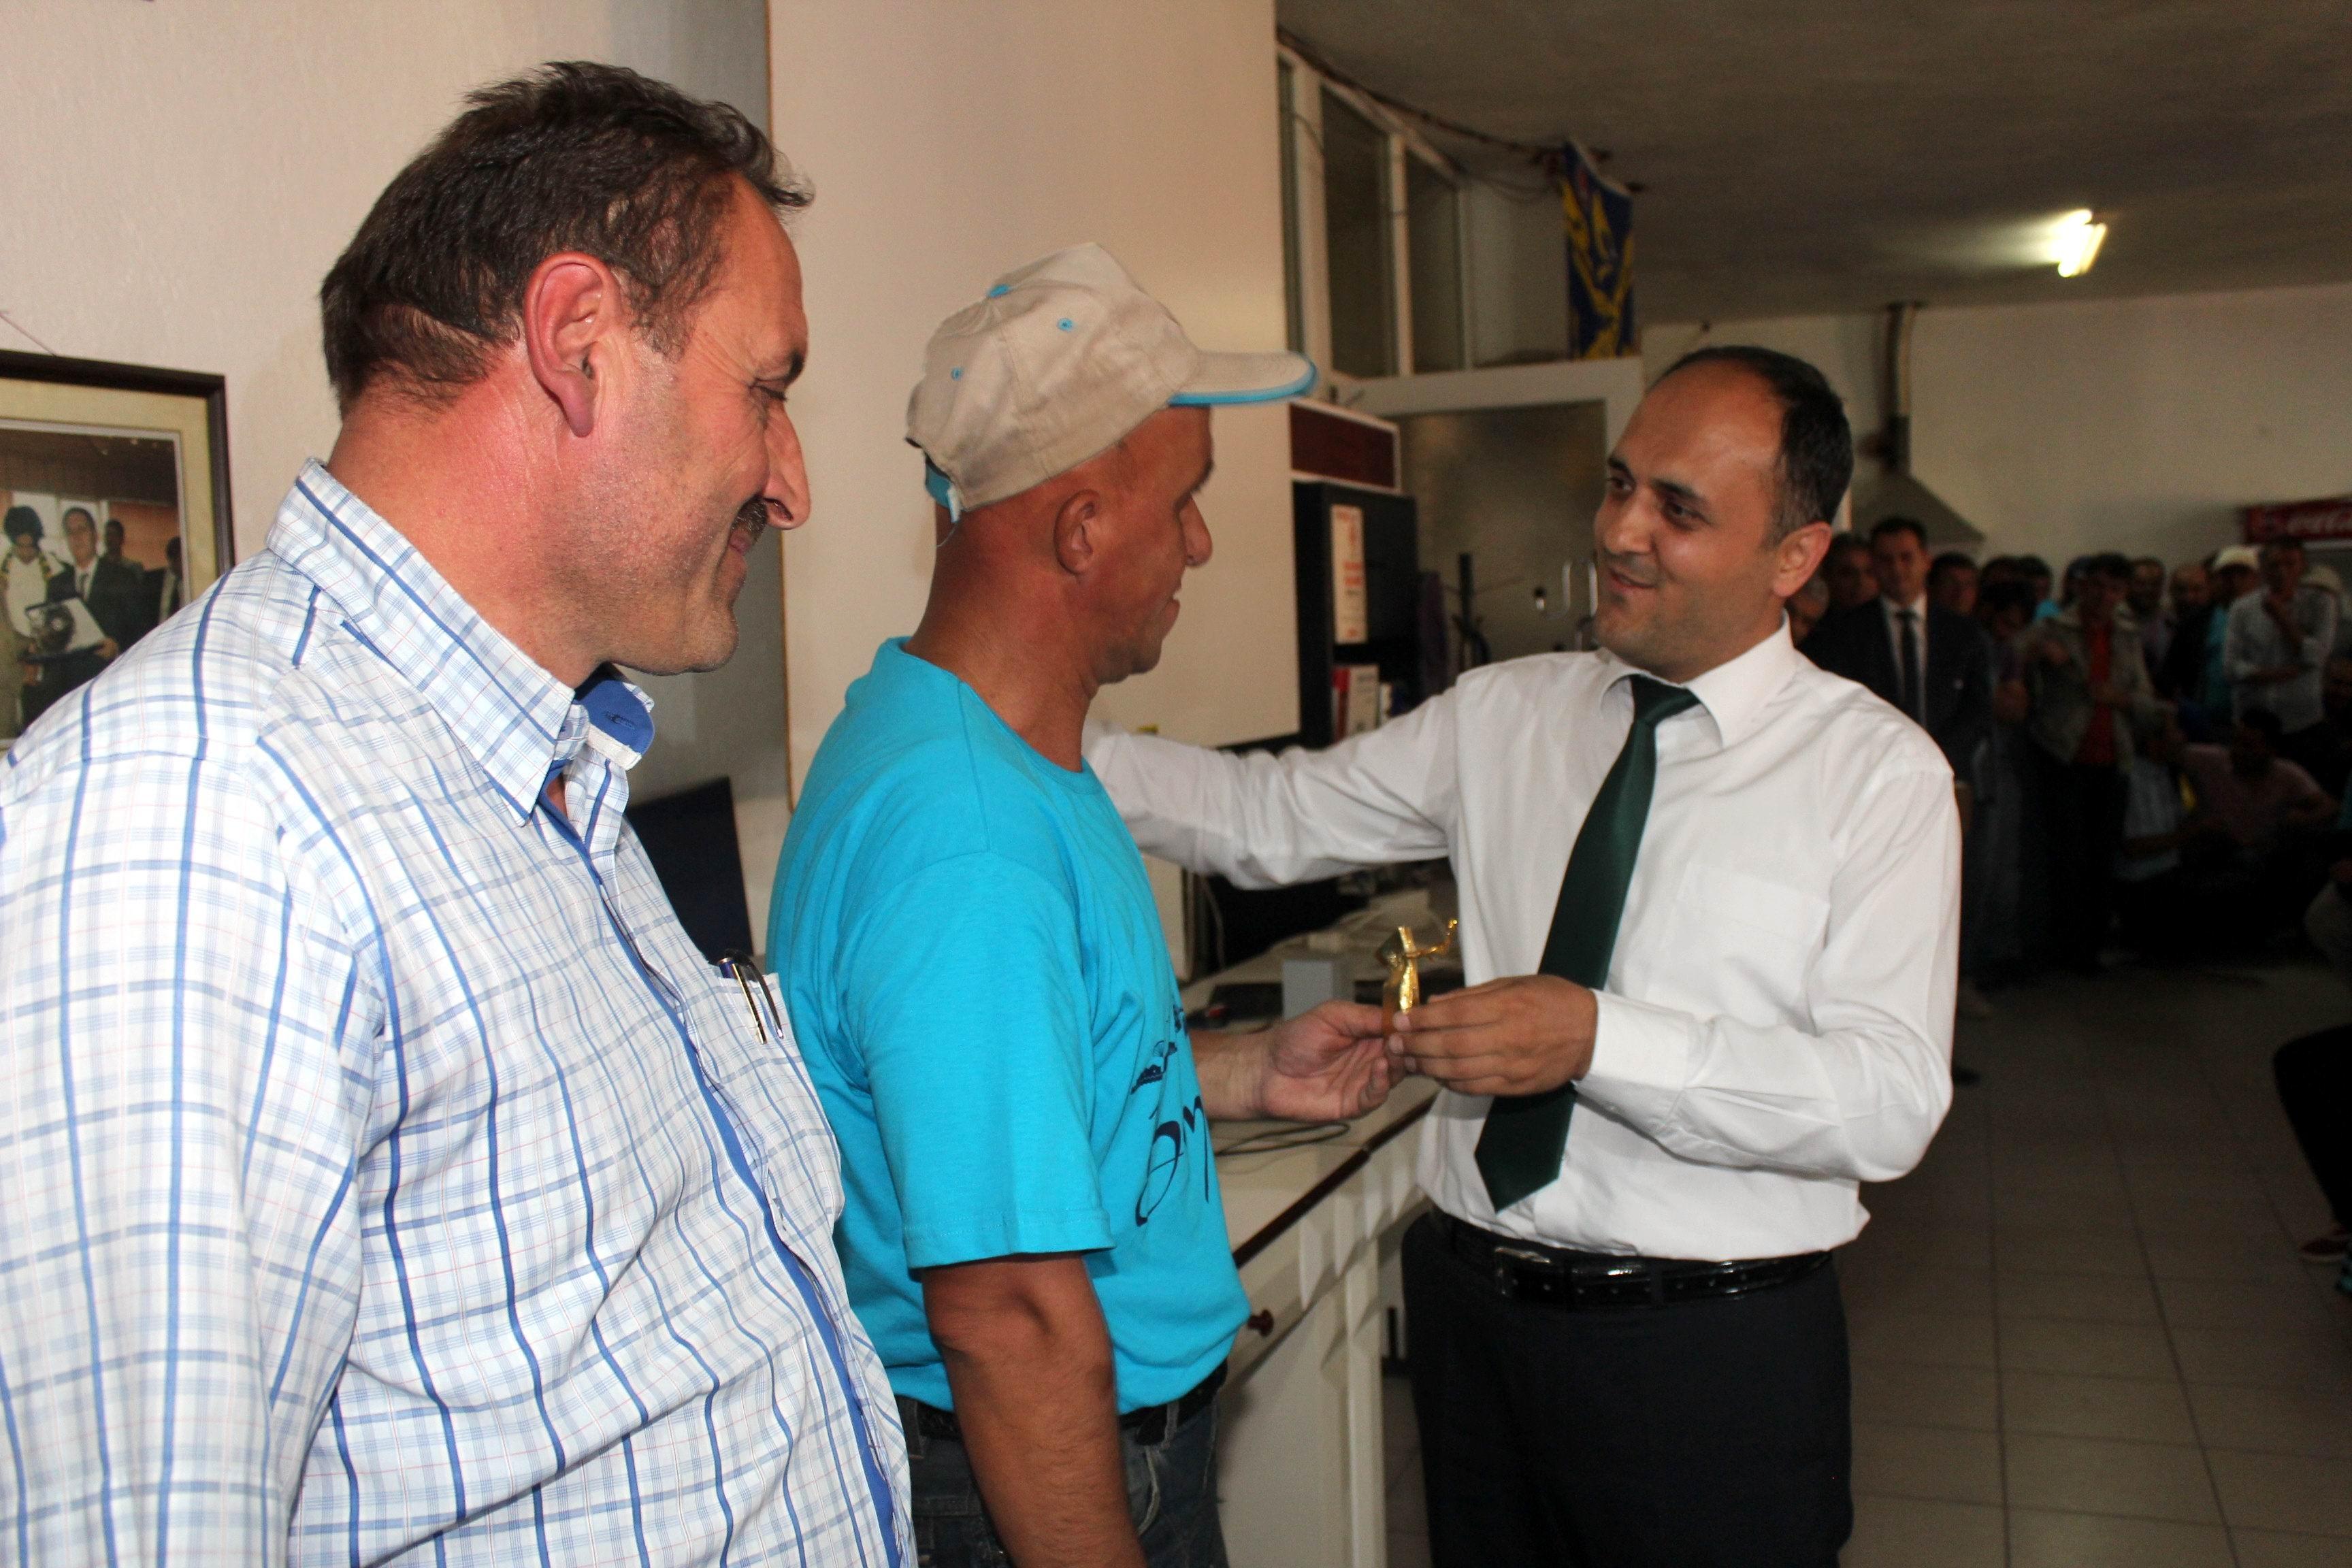 Beyşehir Belediyesinden başarılı personele ödül